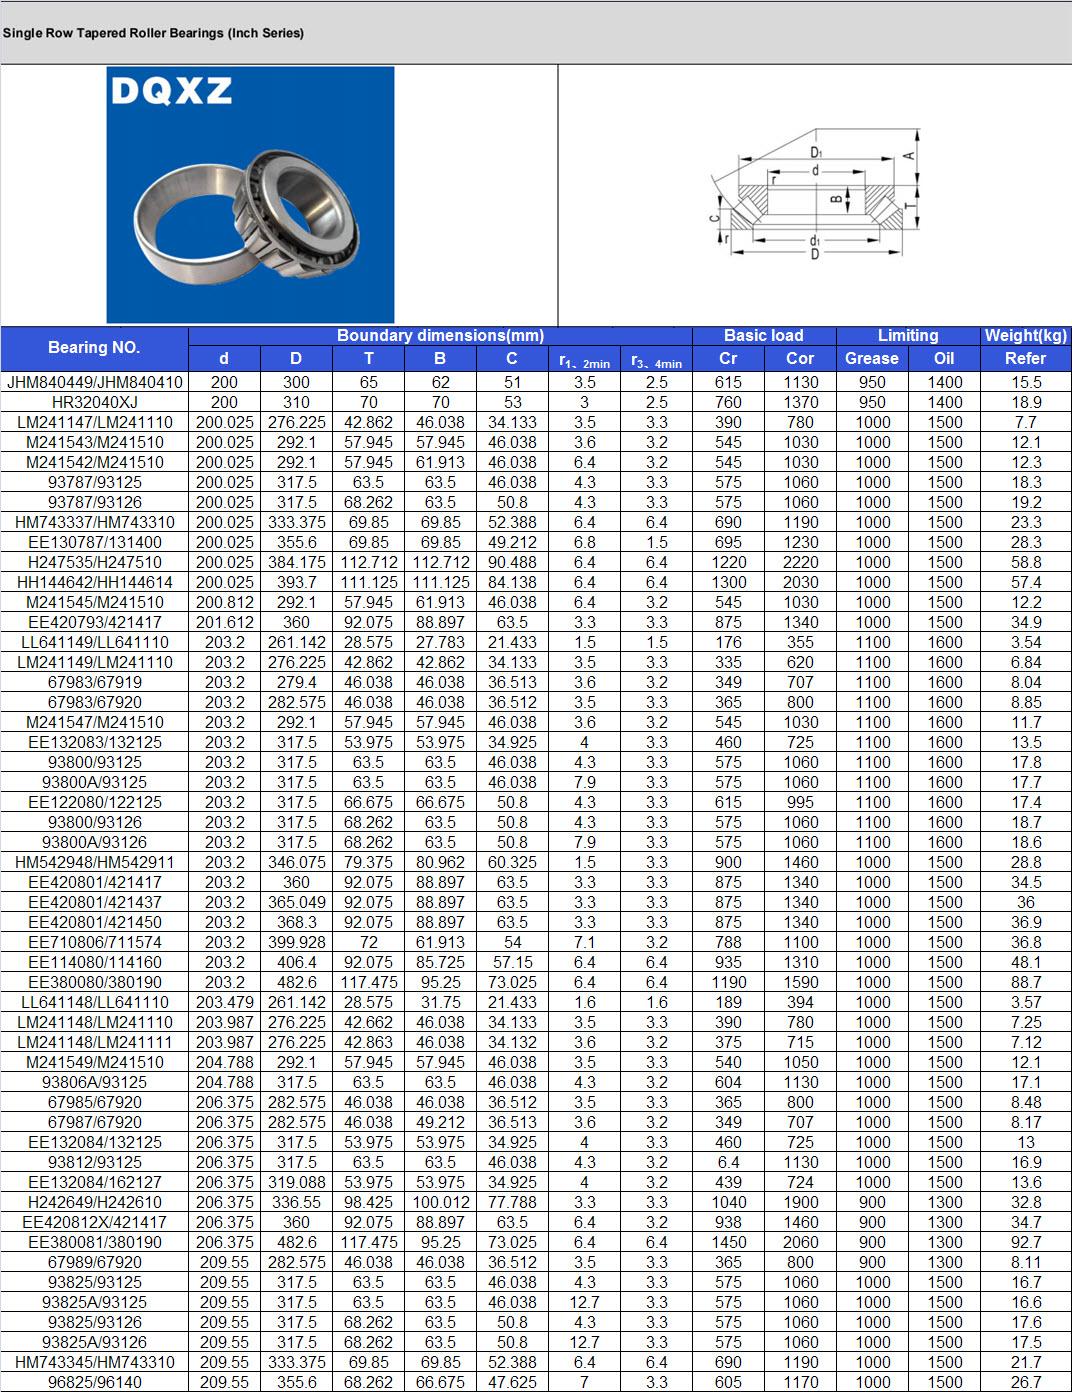 JHM840449/JHM840410 | HR32040XJ | LM241147/LM241110 | M241543/M241510 | M241542/M241510 | 93787/93125 | 93787/93126 | HM743337/HM743310 | EE130787/131400 | H247535/H247510 | HH144642/HH144614 | M241545/M241510 | EE420793/421417 | LL641149/LL641110 | LM241149/LM241110 | 67983/67919 | 67983/67920 | M241547/M241510 | EE132083/132125 | 93800/93125 | 93800A/93125 | EE122080/122125 | 93800/93126 | 93800A/93126 | HM542948/HM542911 | EE420801/421417 | EE420801/421437 | EE420801/421450 | EE710806/711574 | EE114080/114160 | EE380080/380190 | LL641148/LL641110 | LM241148/LM241110 | LM241148/LM241111 | M241549/M241510 | 93806A/93125 | 67985/67920 | 67987/67920 | EE132084/132125 | 93812/93125 | EE132084/162127 | H242649/H242610 | EE420812X/421417 | EE380081/380190 | 67989/67920 | 93825/93125 | 93825A/93125 | 93825/93126 | 93825A/93126 | HM743345/HM743310 | 96825/96140